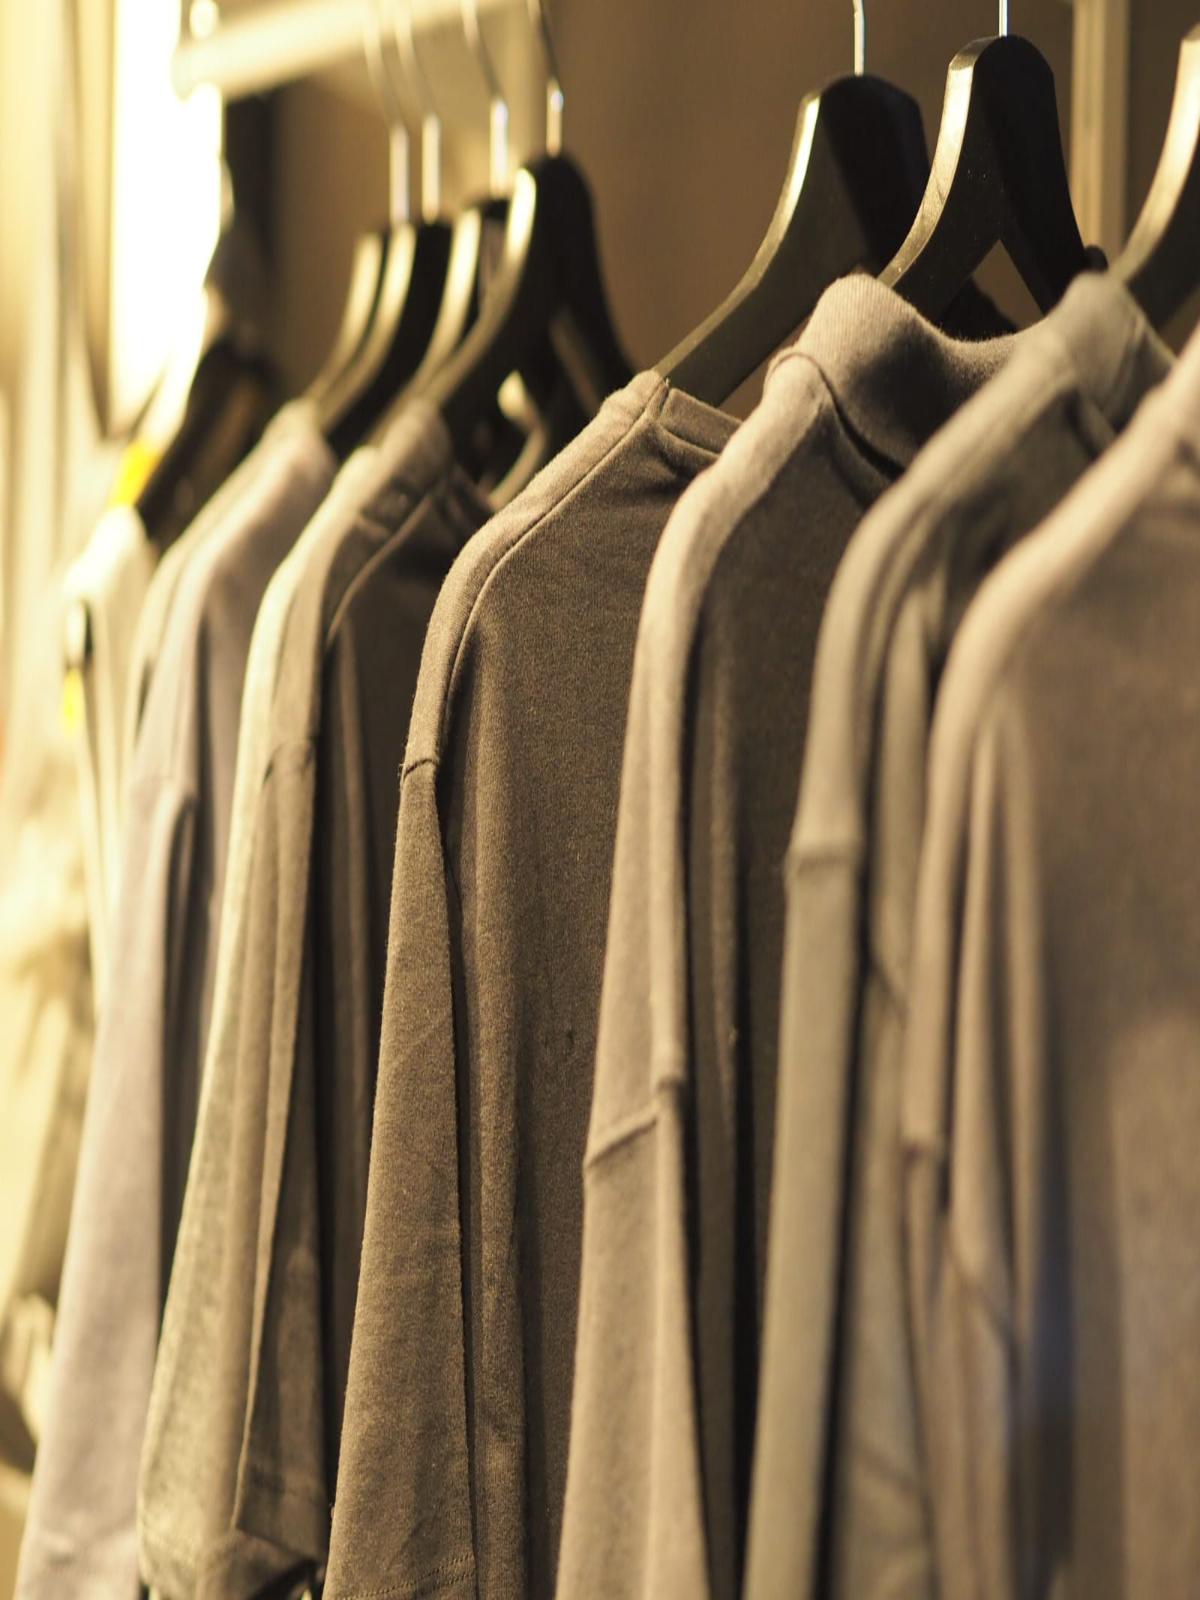 Kleidung: Alltag und Selbstausdruck